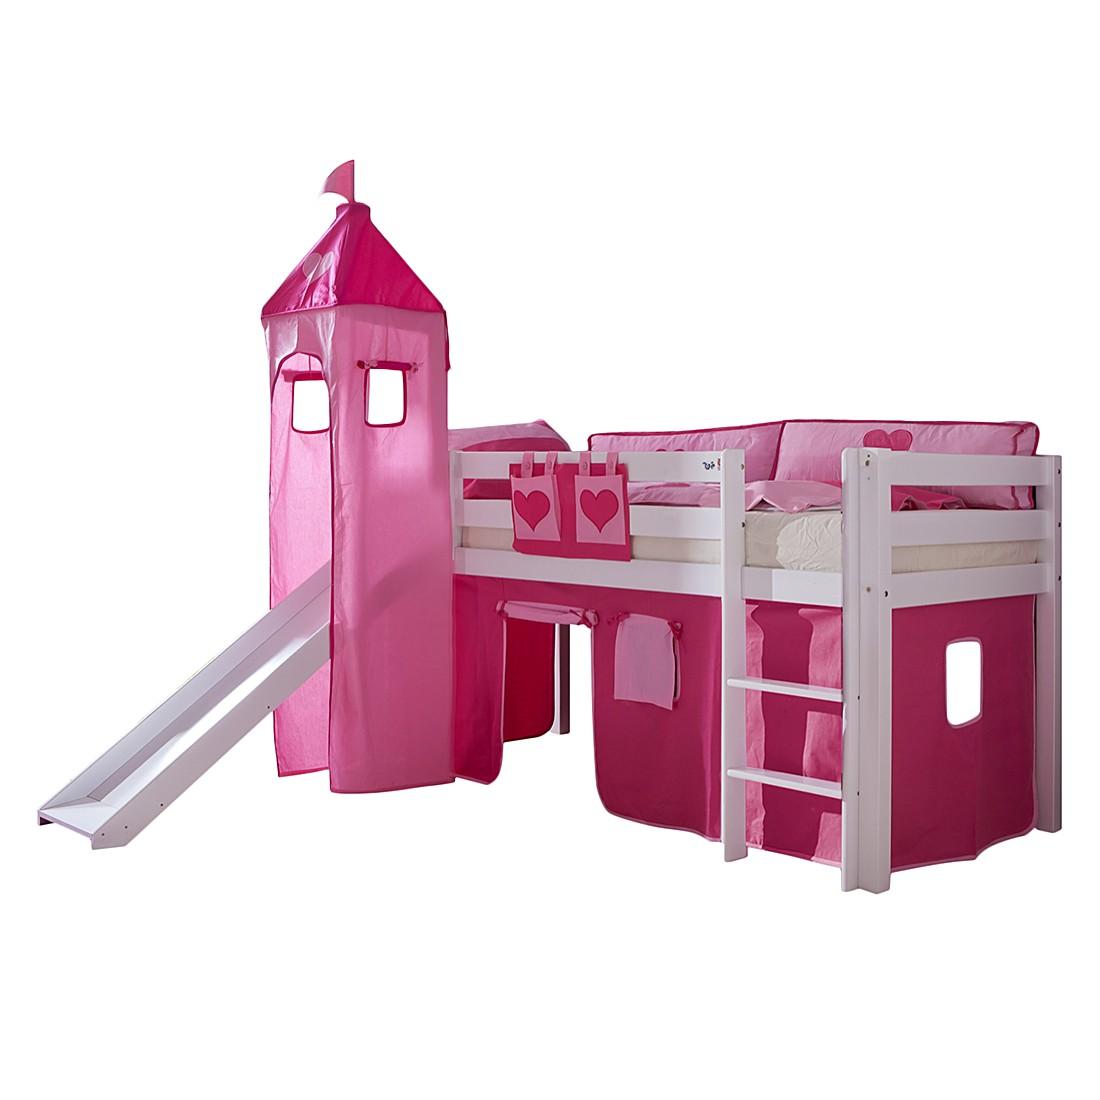 Spielbett Alex - mit Rutsche, Vorhang, Turm und Tasche - Buche weiß/Textil pink-herz, Relita